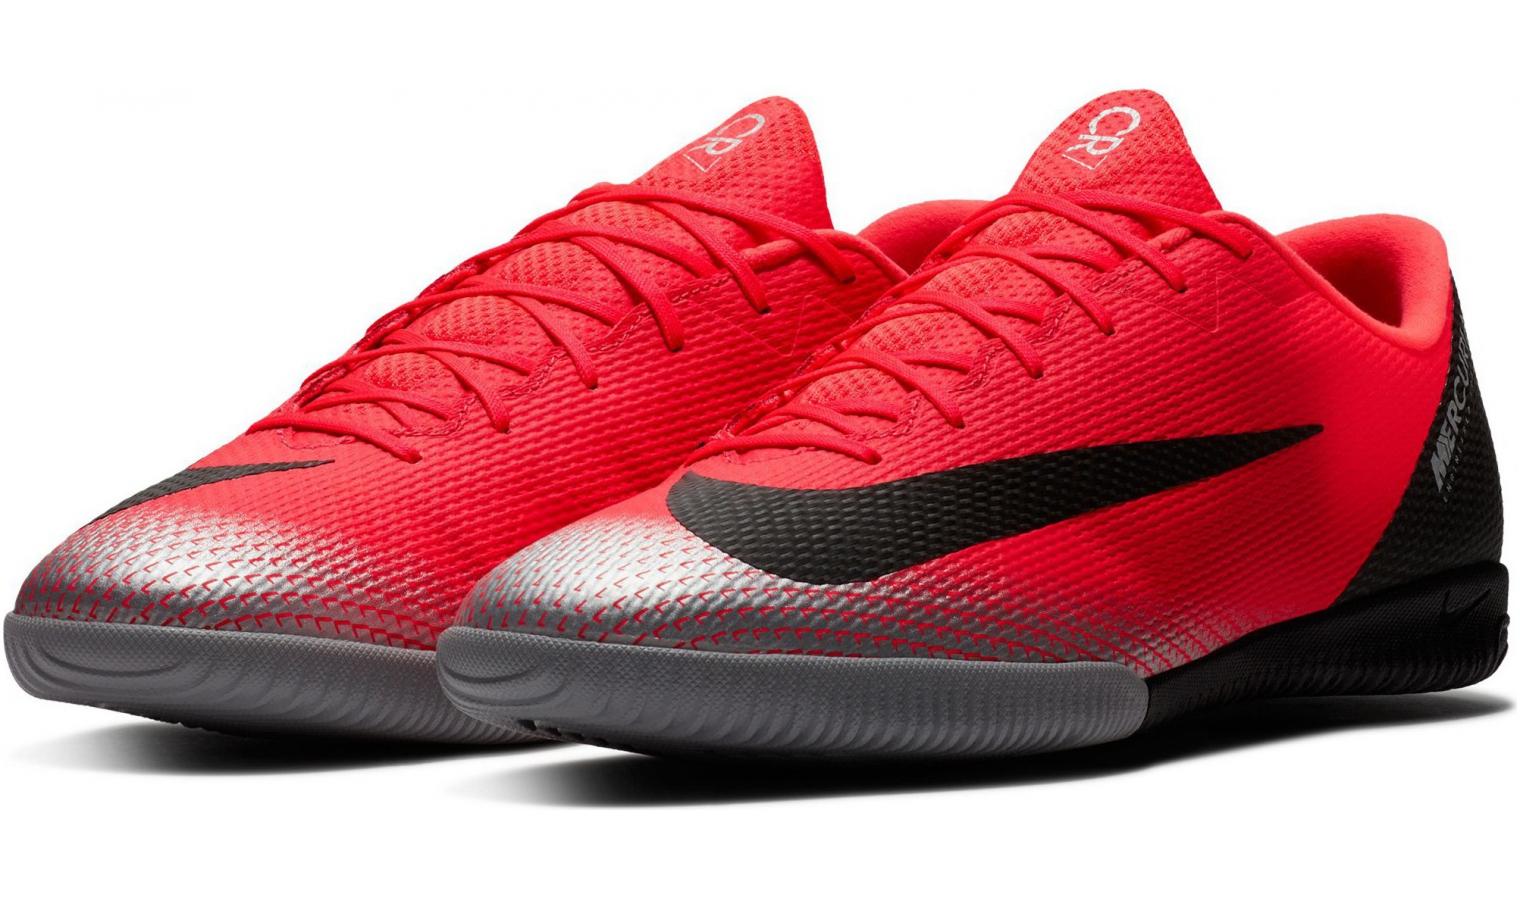 60a9a10ad72 Sálovky Nike CR7 VAPORX 12 ACADEMY IC černé